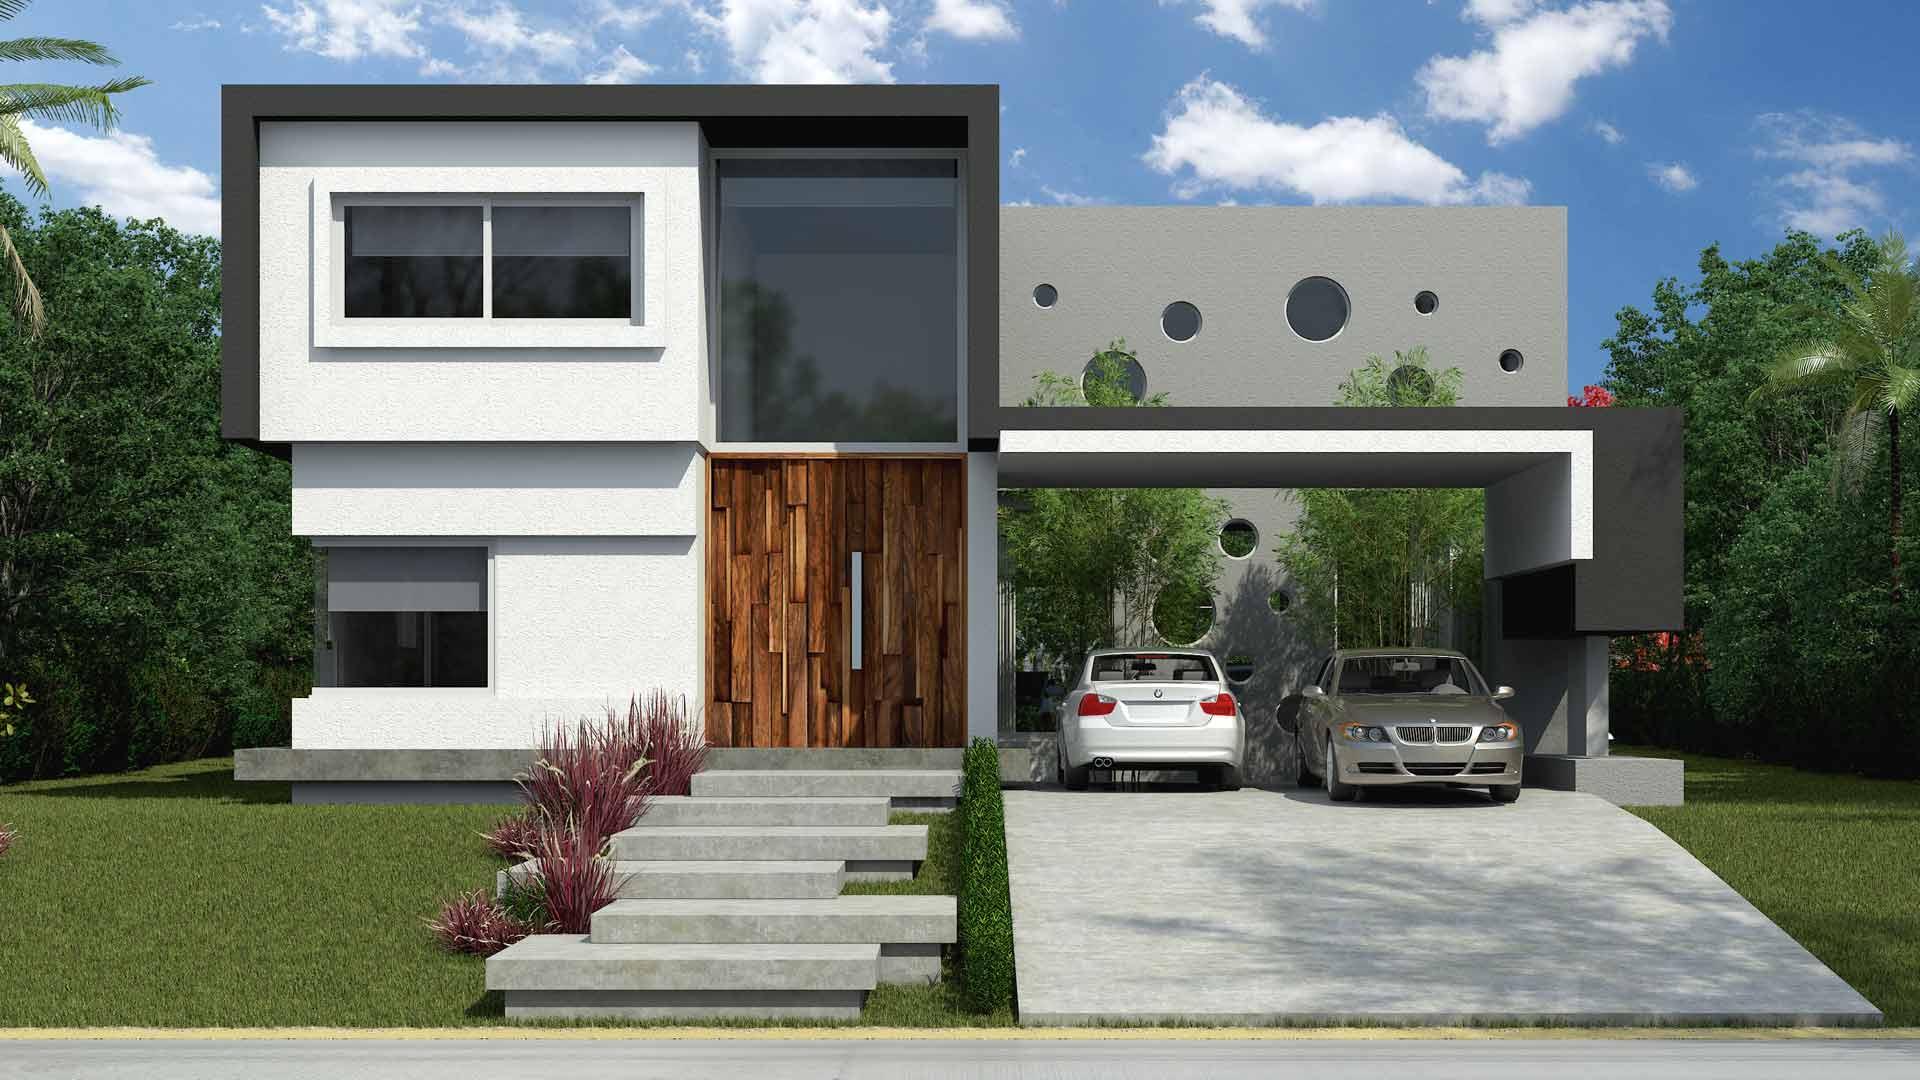 Renders 3D Arquitectura  Renders 19-TERRALAGOS-308-camara-2-B